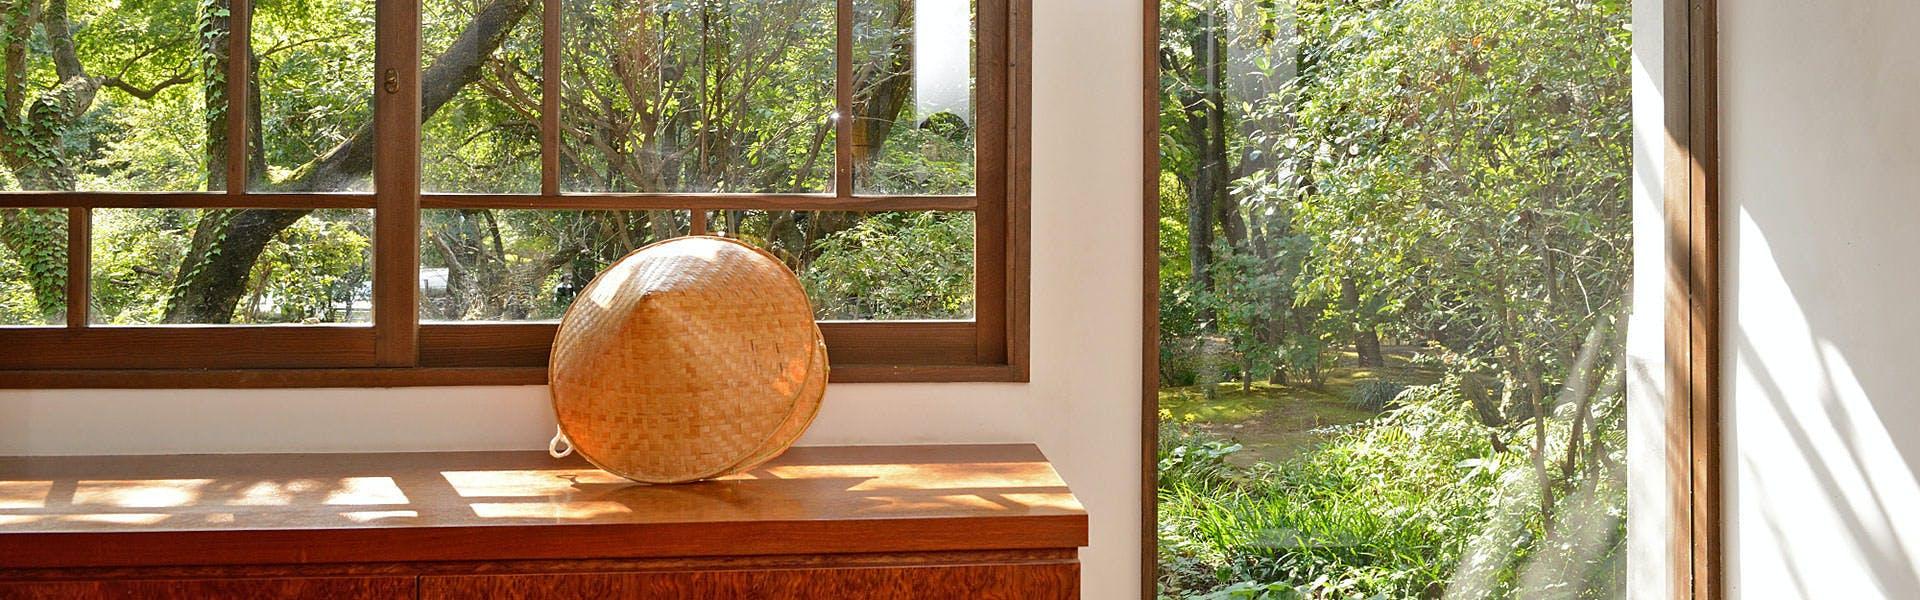 記念日におすすめのホテル・天然田園温泉 ふかほり邸の写真3